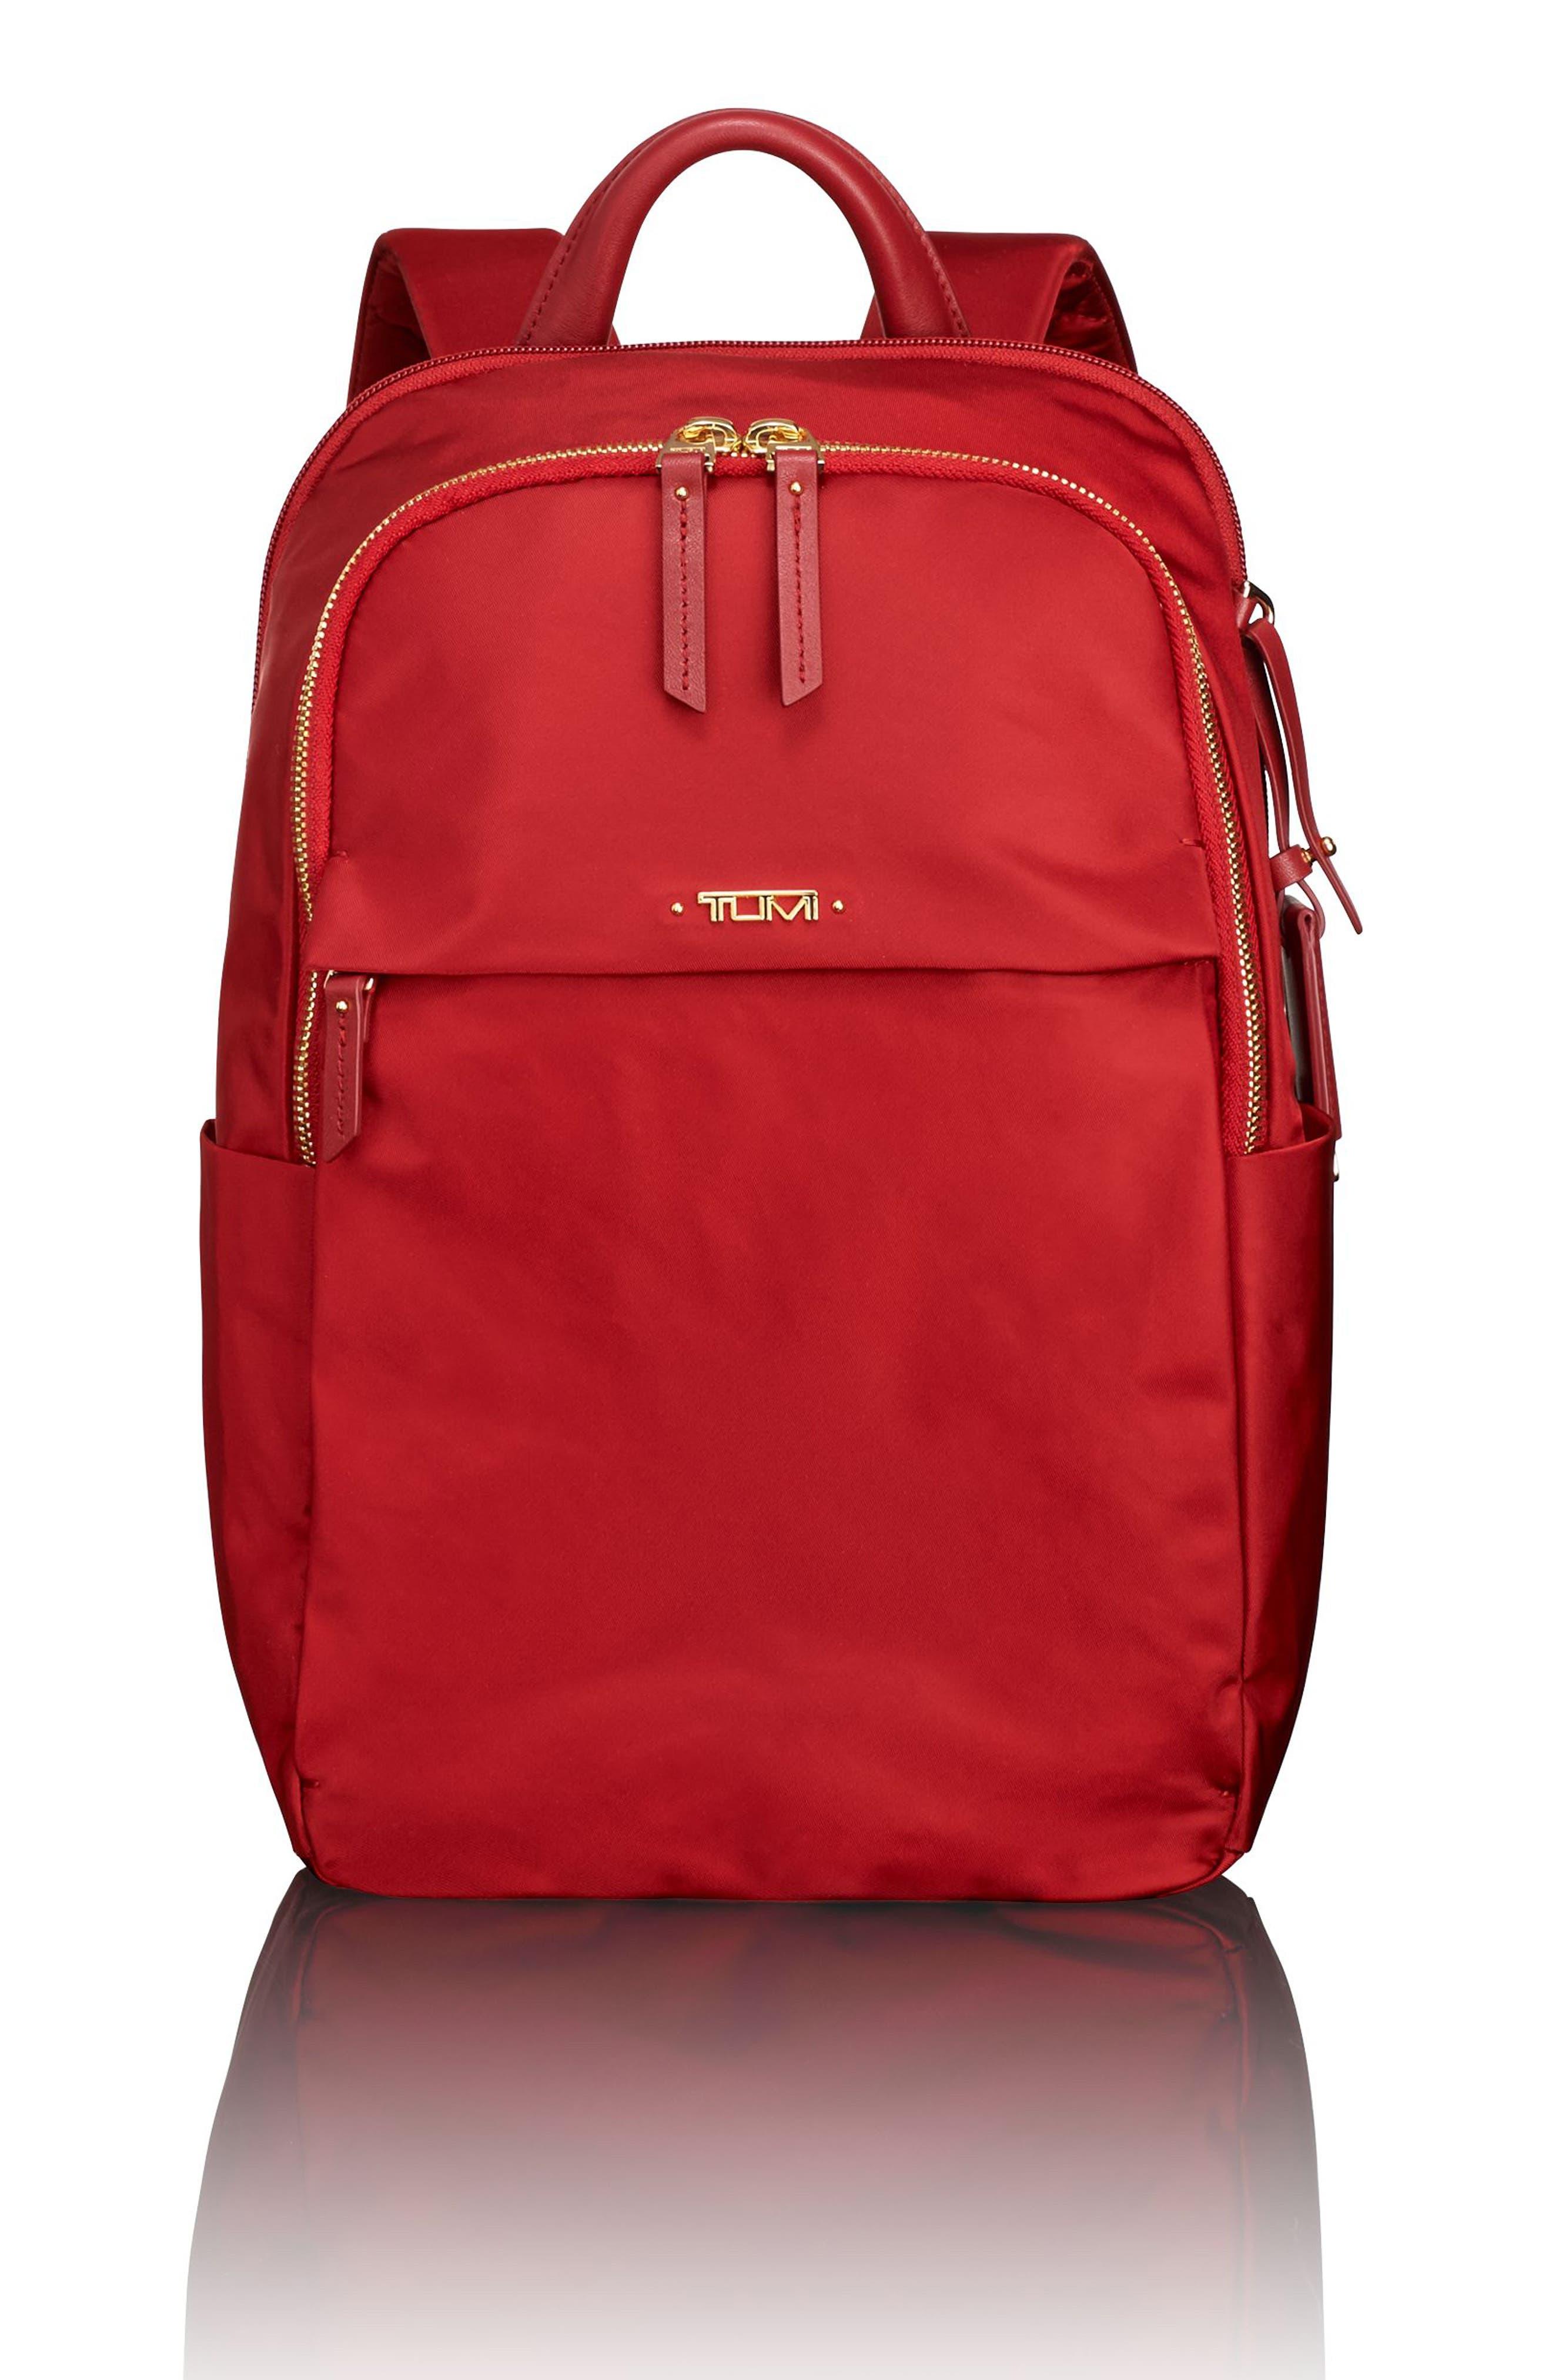 Main Image - Tumi Voyageur - Small Daniella Backpack